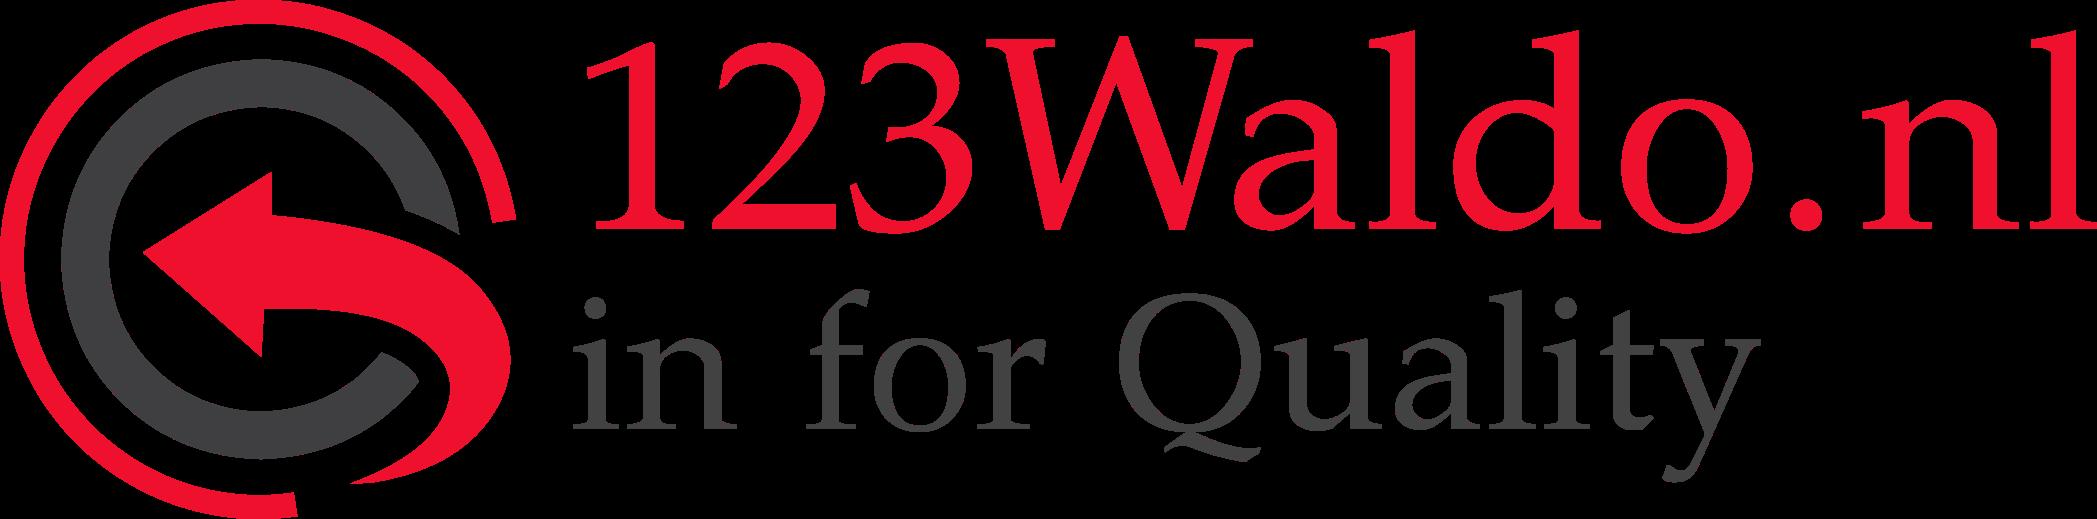 123waldo.nl reviews, beoordelingen en ervaringen